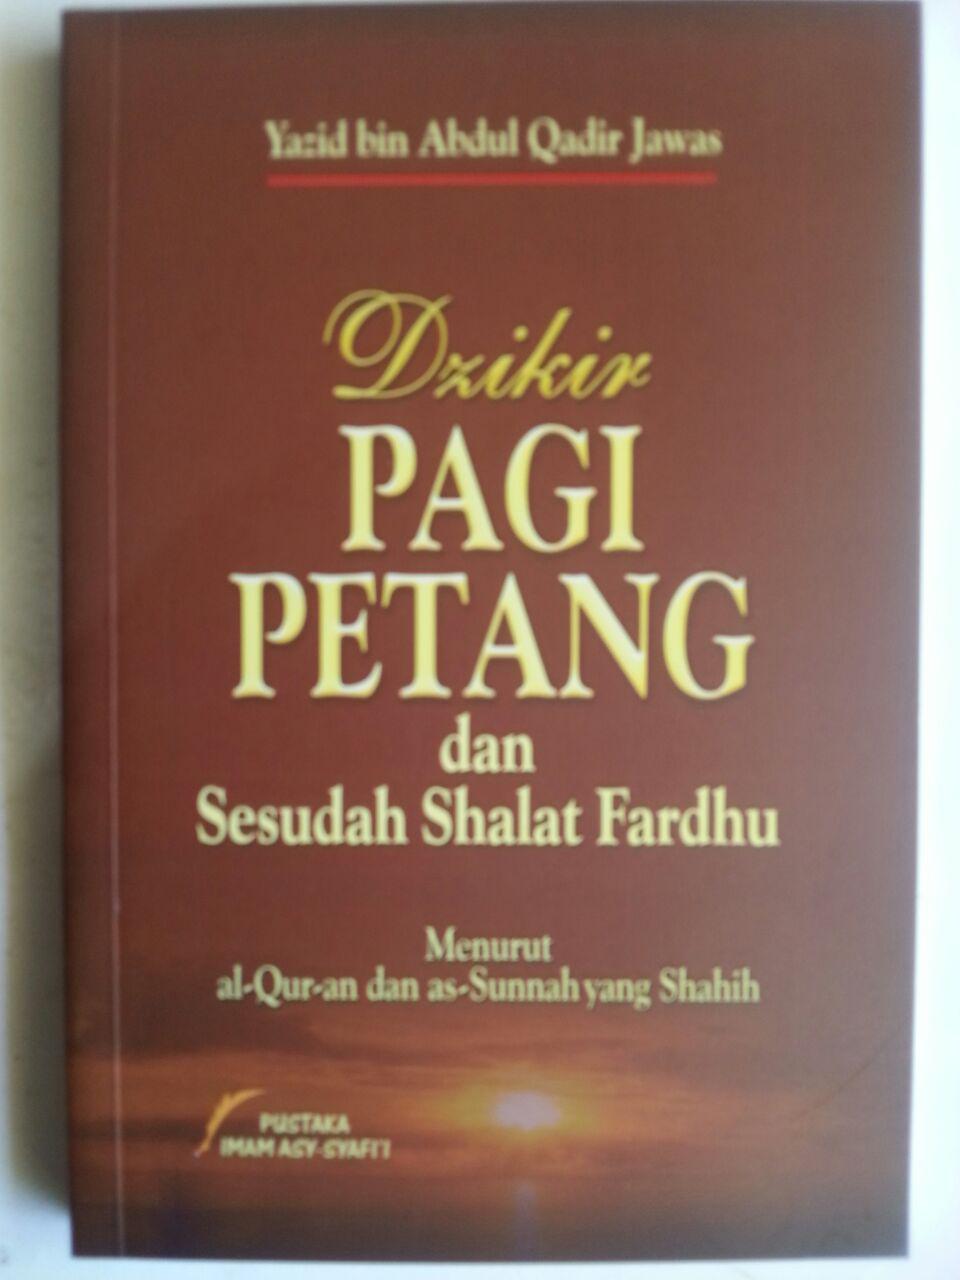 Buku Dzikir Pagi Petang Dan Sesudah Shalat Fardhu cover 2